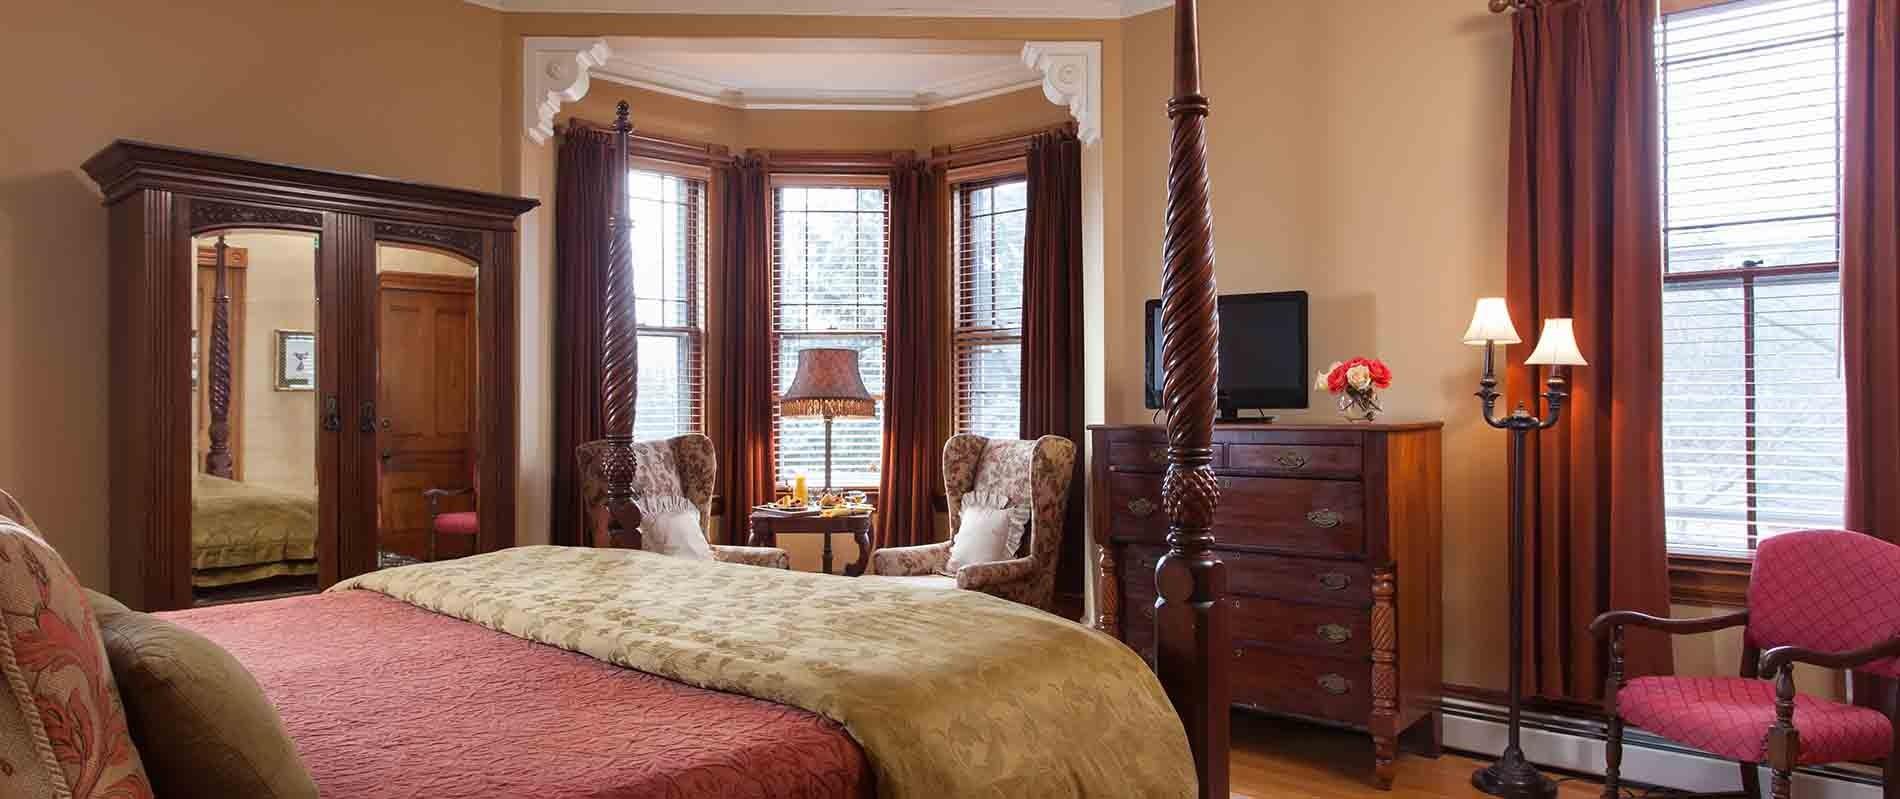 Burlington Vermont Bed and Breakfast